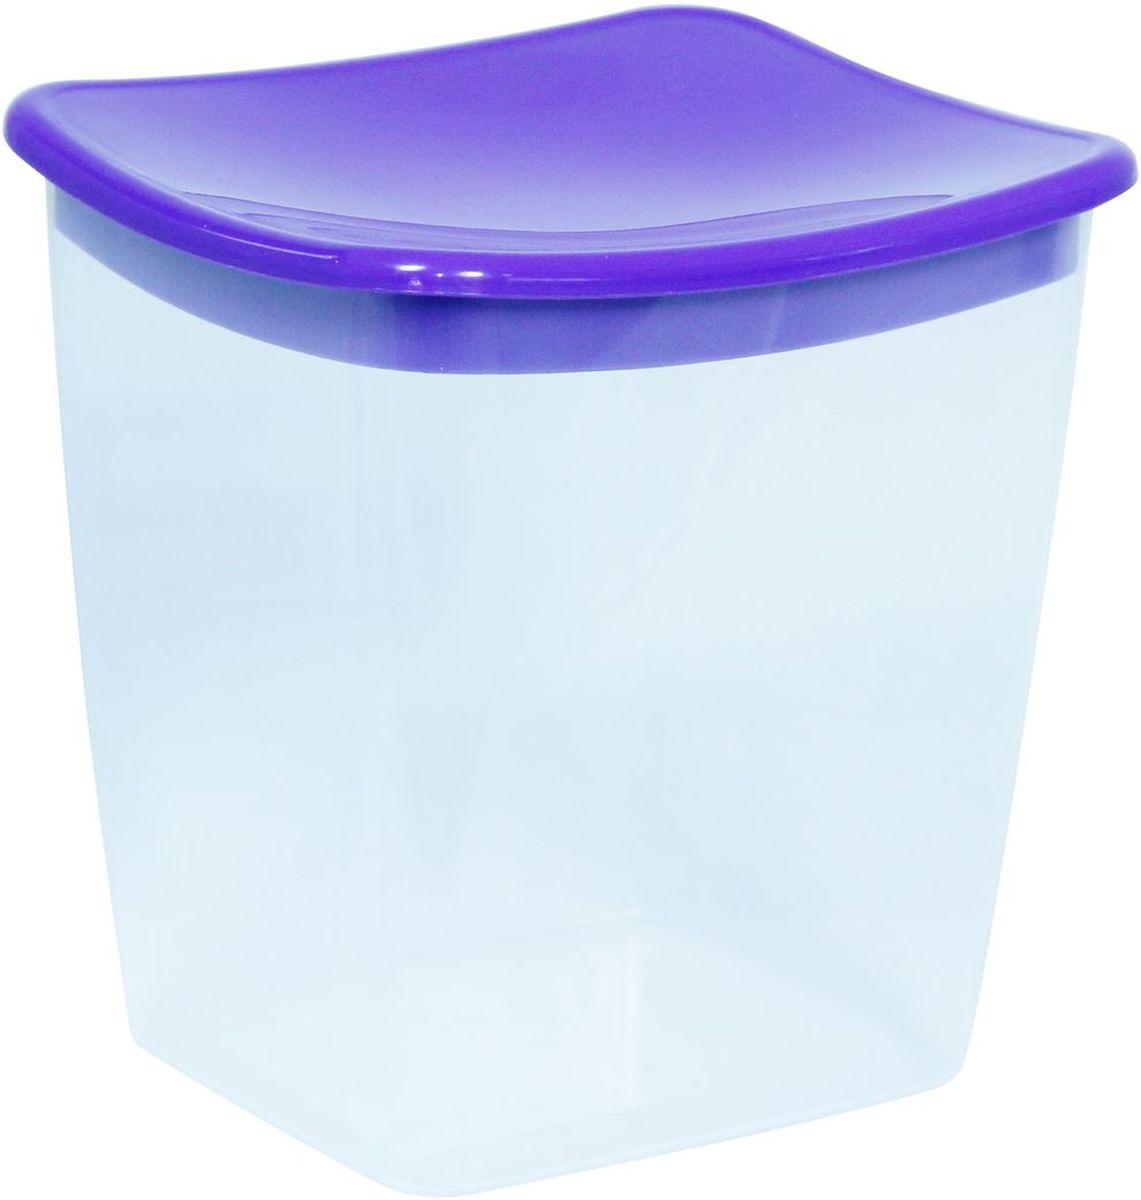 Емкость для сыпучих продуктов Idea, квадратная, цвет: фиолетовый, 1 л емкость для сыпучих продуктов idea деко гжель 1 л